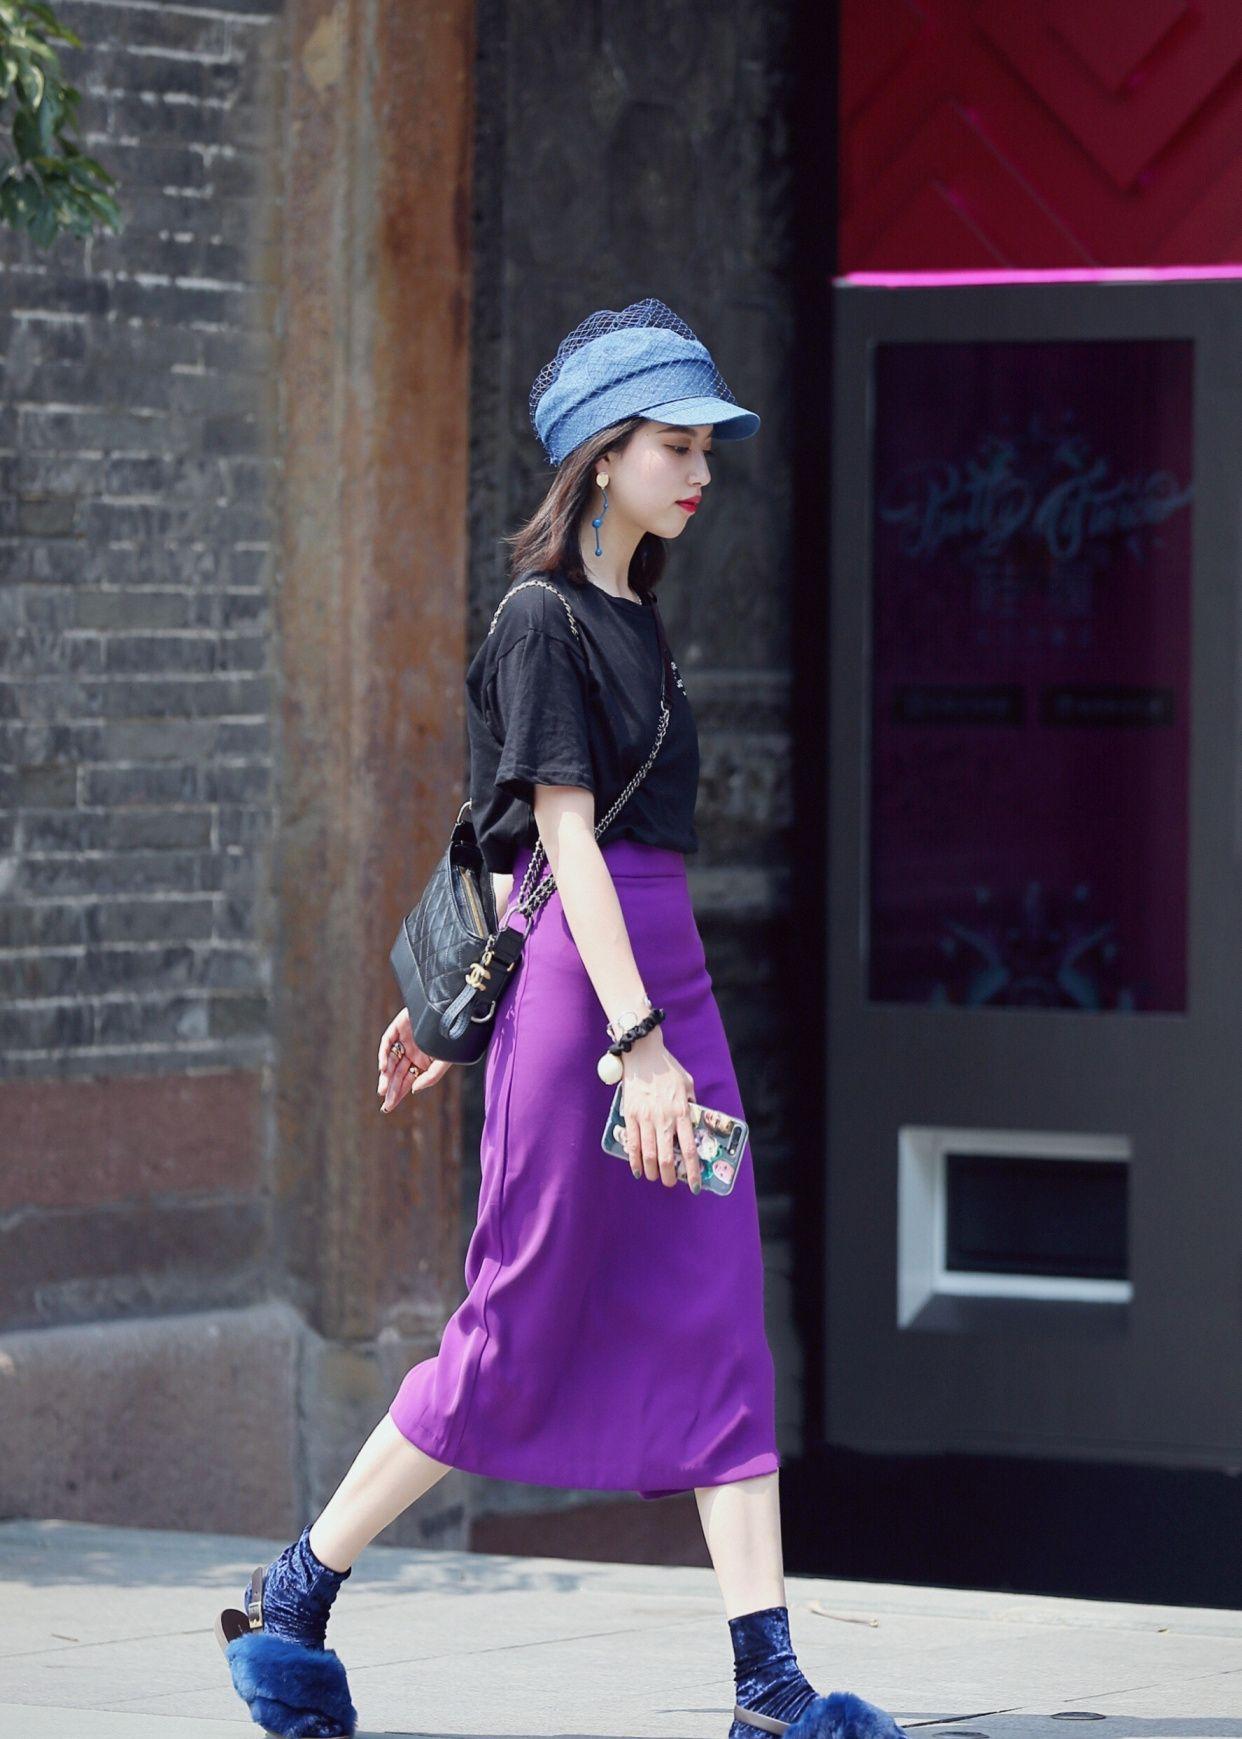 唯美的紫色怎么穿才好看?裙子搭配思路示范,这样穿搭又仙又撩!